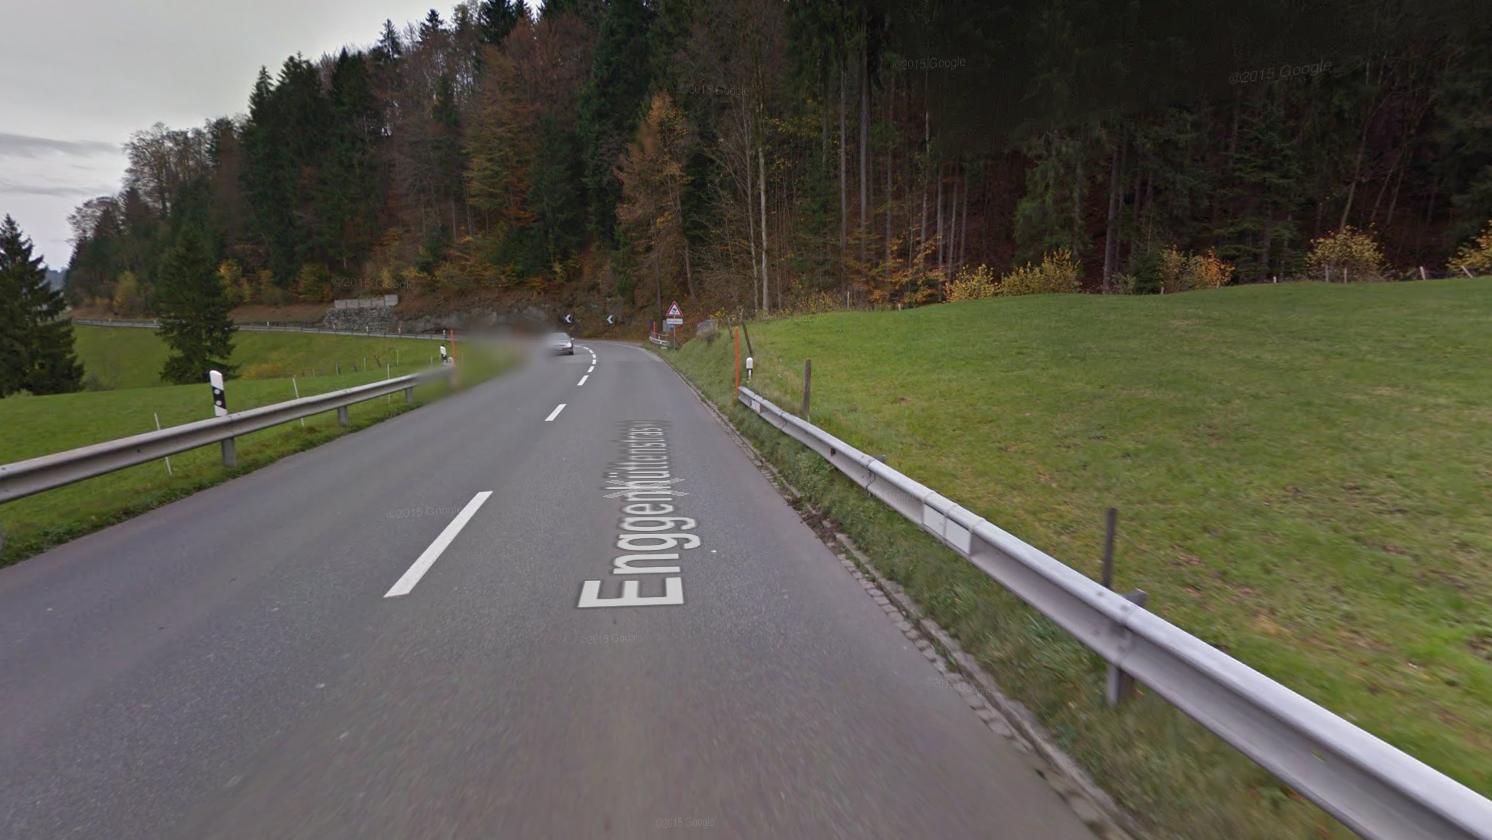 Auf der Strecke zwischen Appenzell und Hundwil ist ein Töff verunfallt.